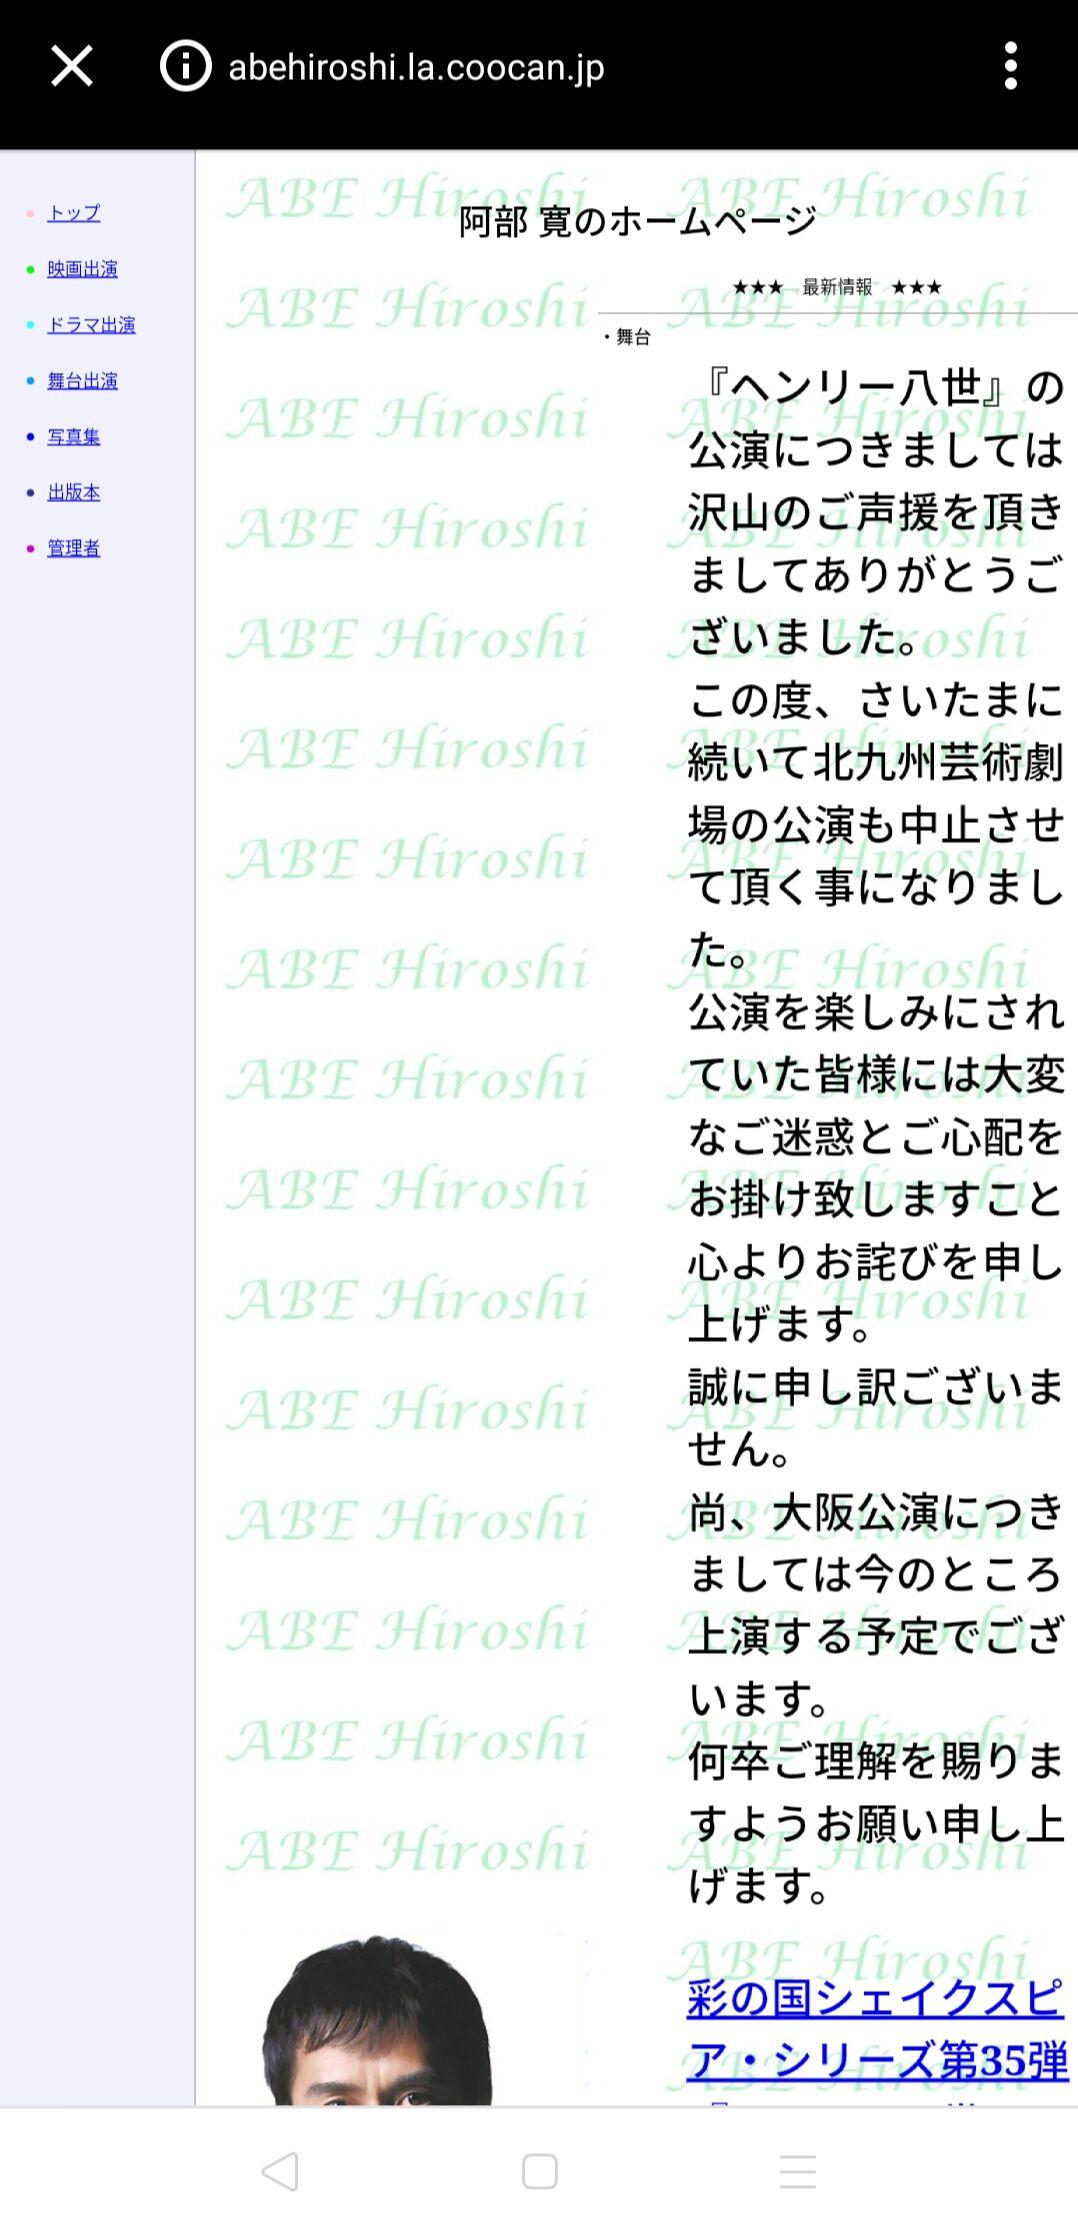 【悲報】阿部寛のホームページ、コロナの影響でめちゃくちゃ重くなる